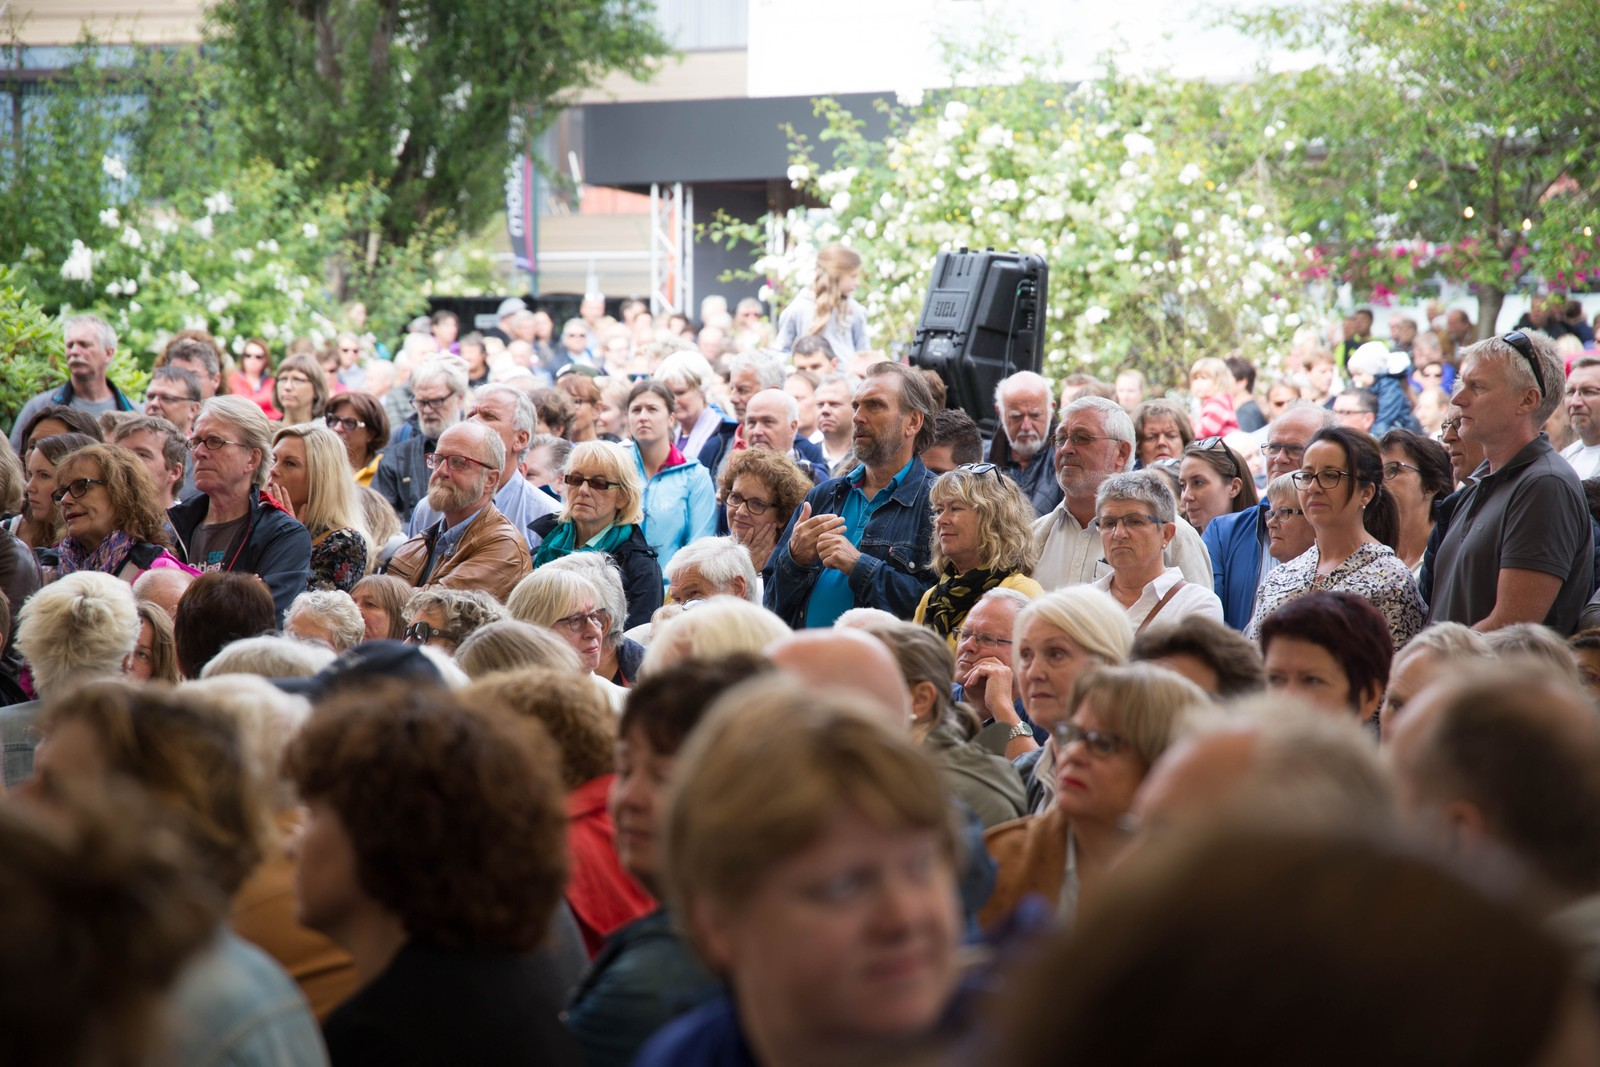 Mye folk hadde møtt frem i Alexandraparken under åpningen.